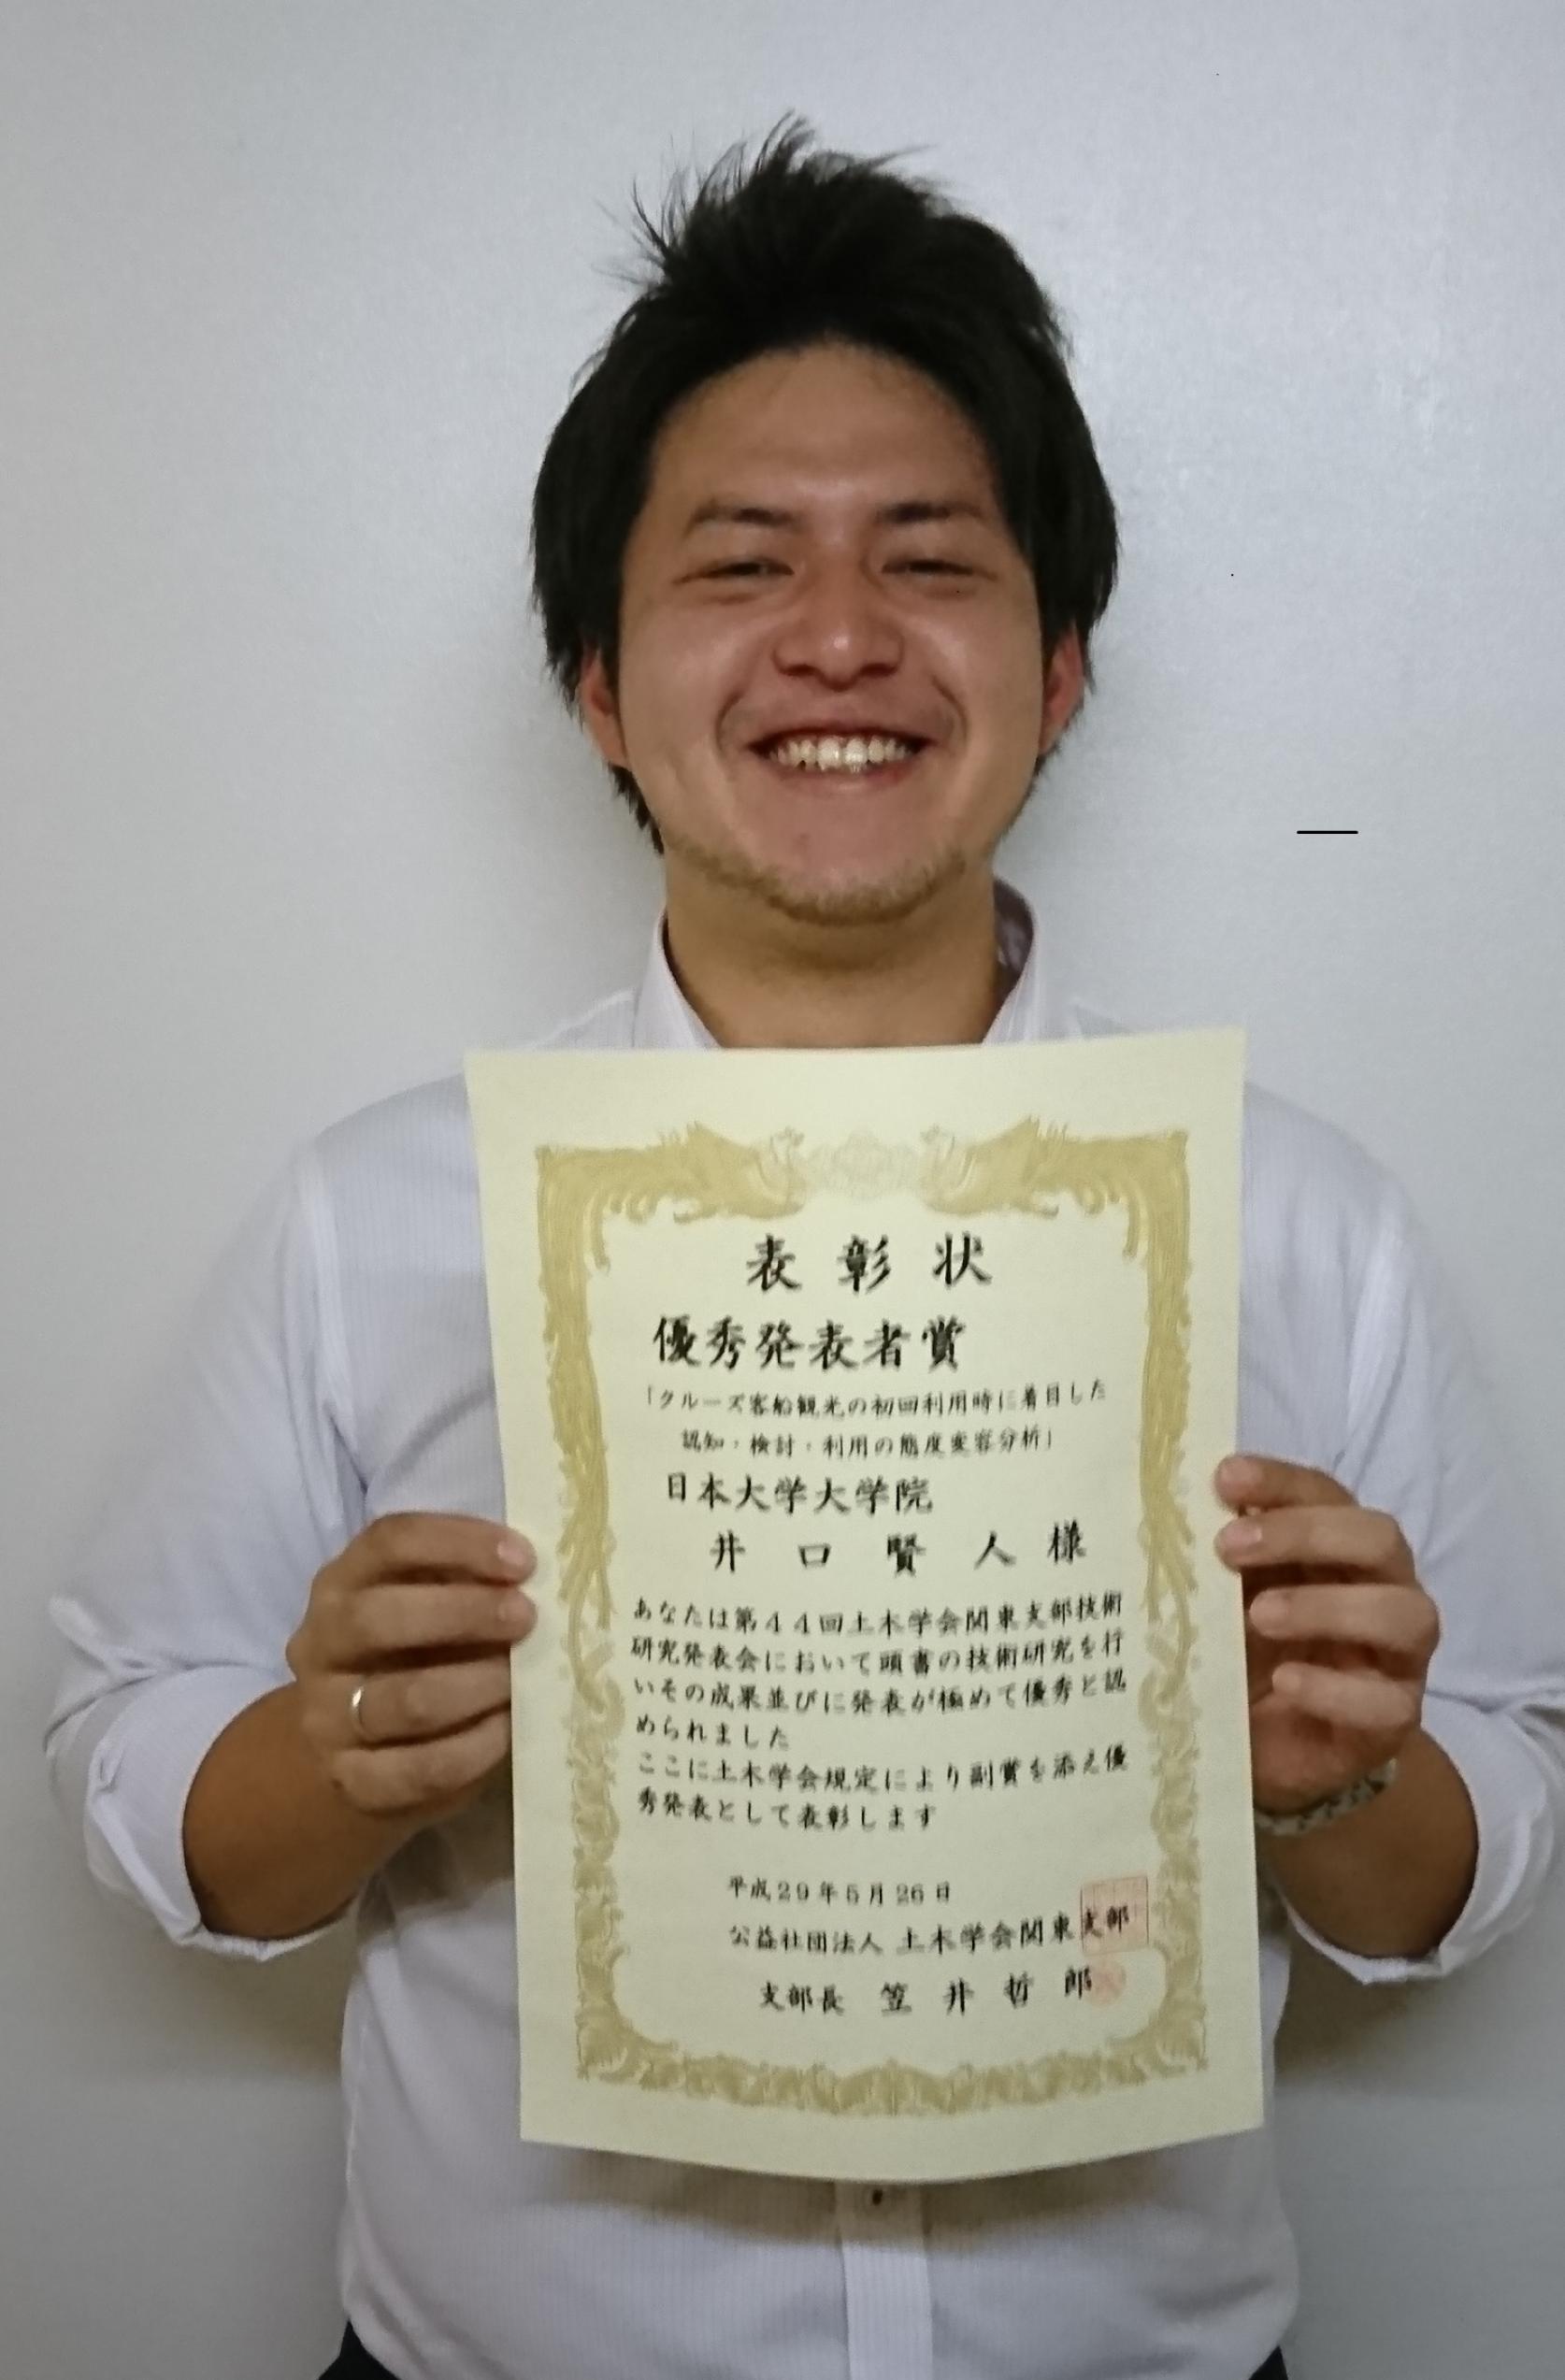 社会交通工学専攻博士前期課程修了の井口賢人さんが優秀発表者賞(第44回土木学会関東支部技術研究発表会)を受賞